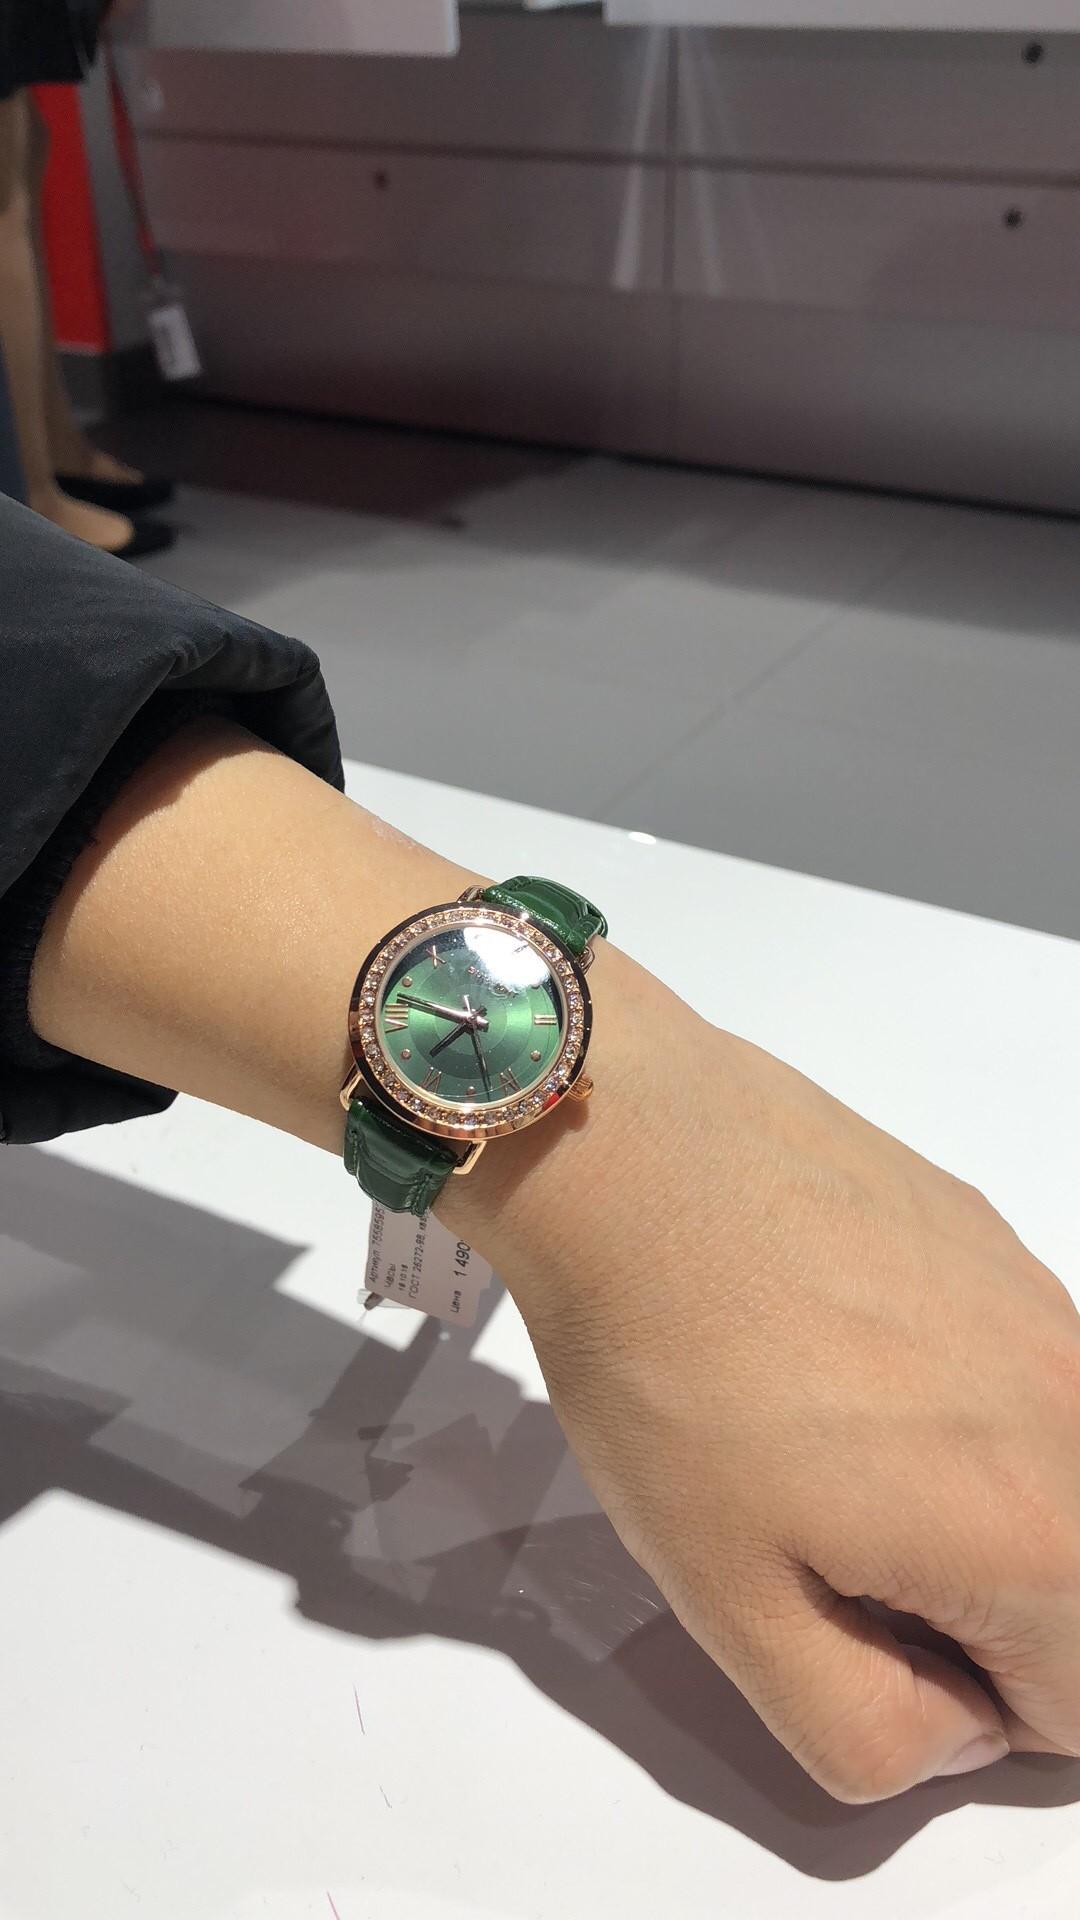 Часы куплены для подарка.часы очень красивые